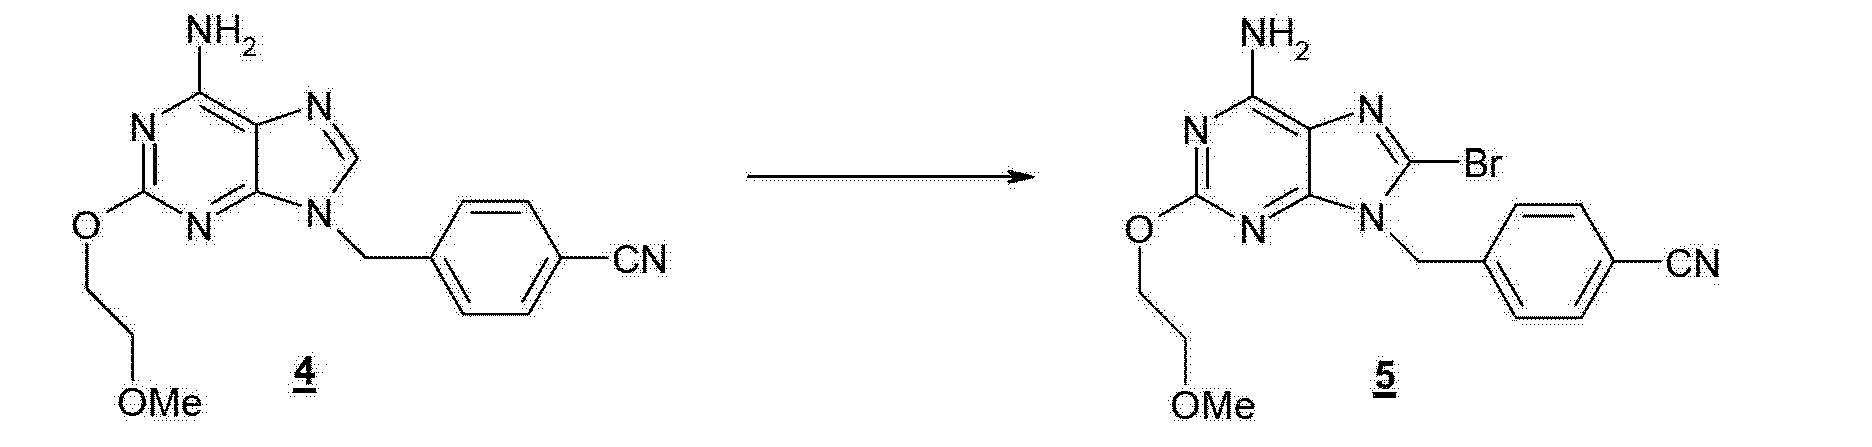 Eta Diagram Of A Monkey Skeleton Looks Pretty Close Same Pelvis